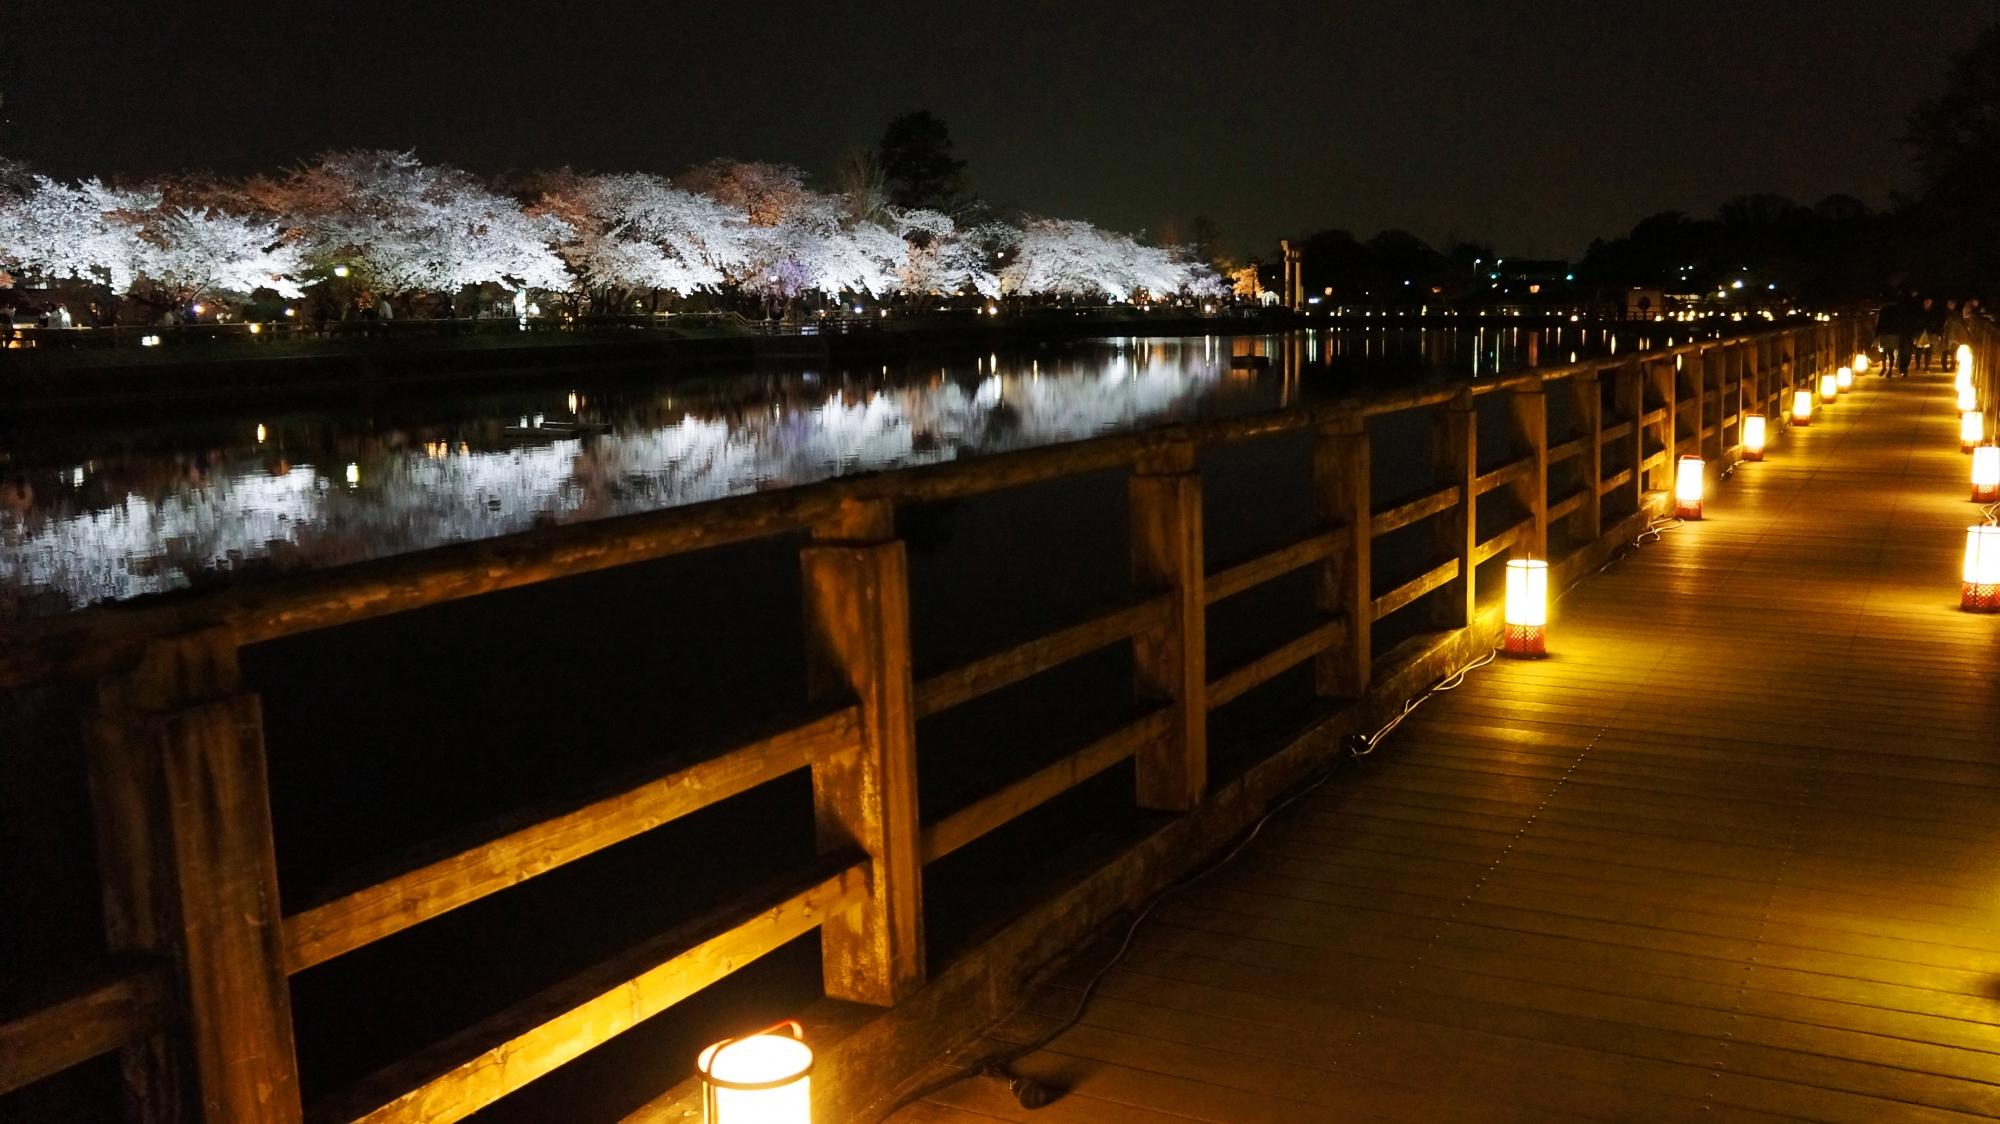 八条ヶ池の西側に架かる木の橋の水上の通路